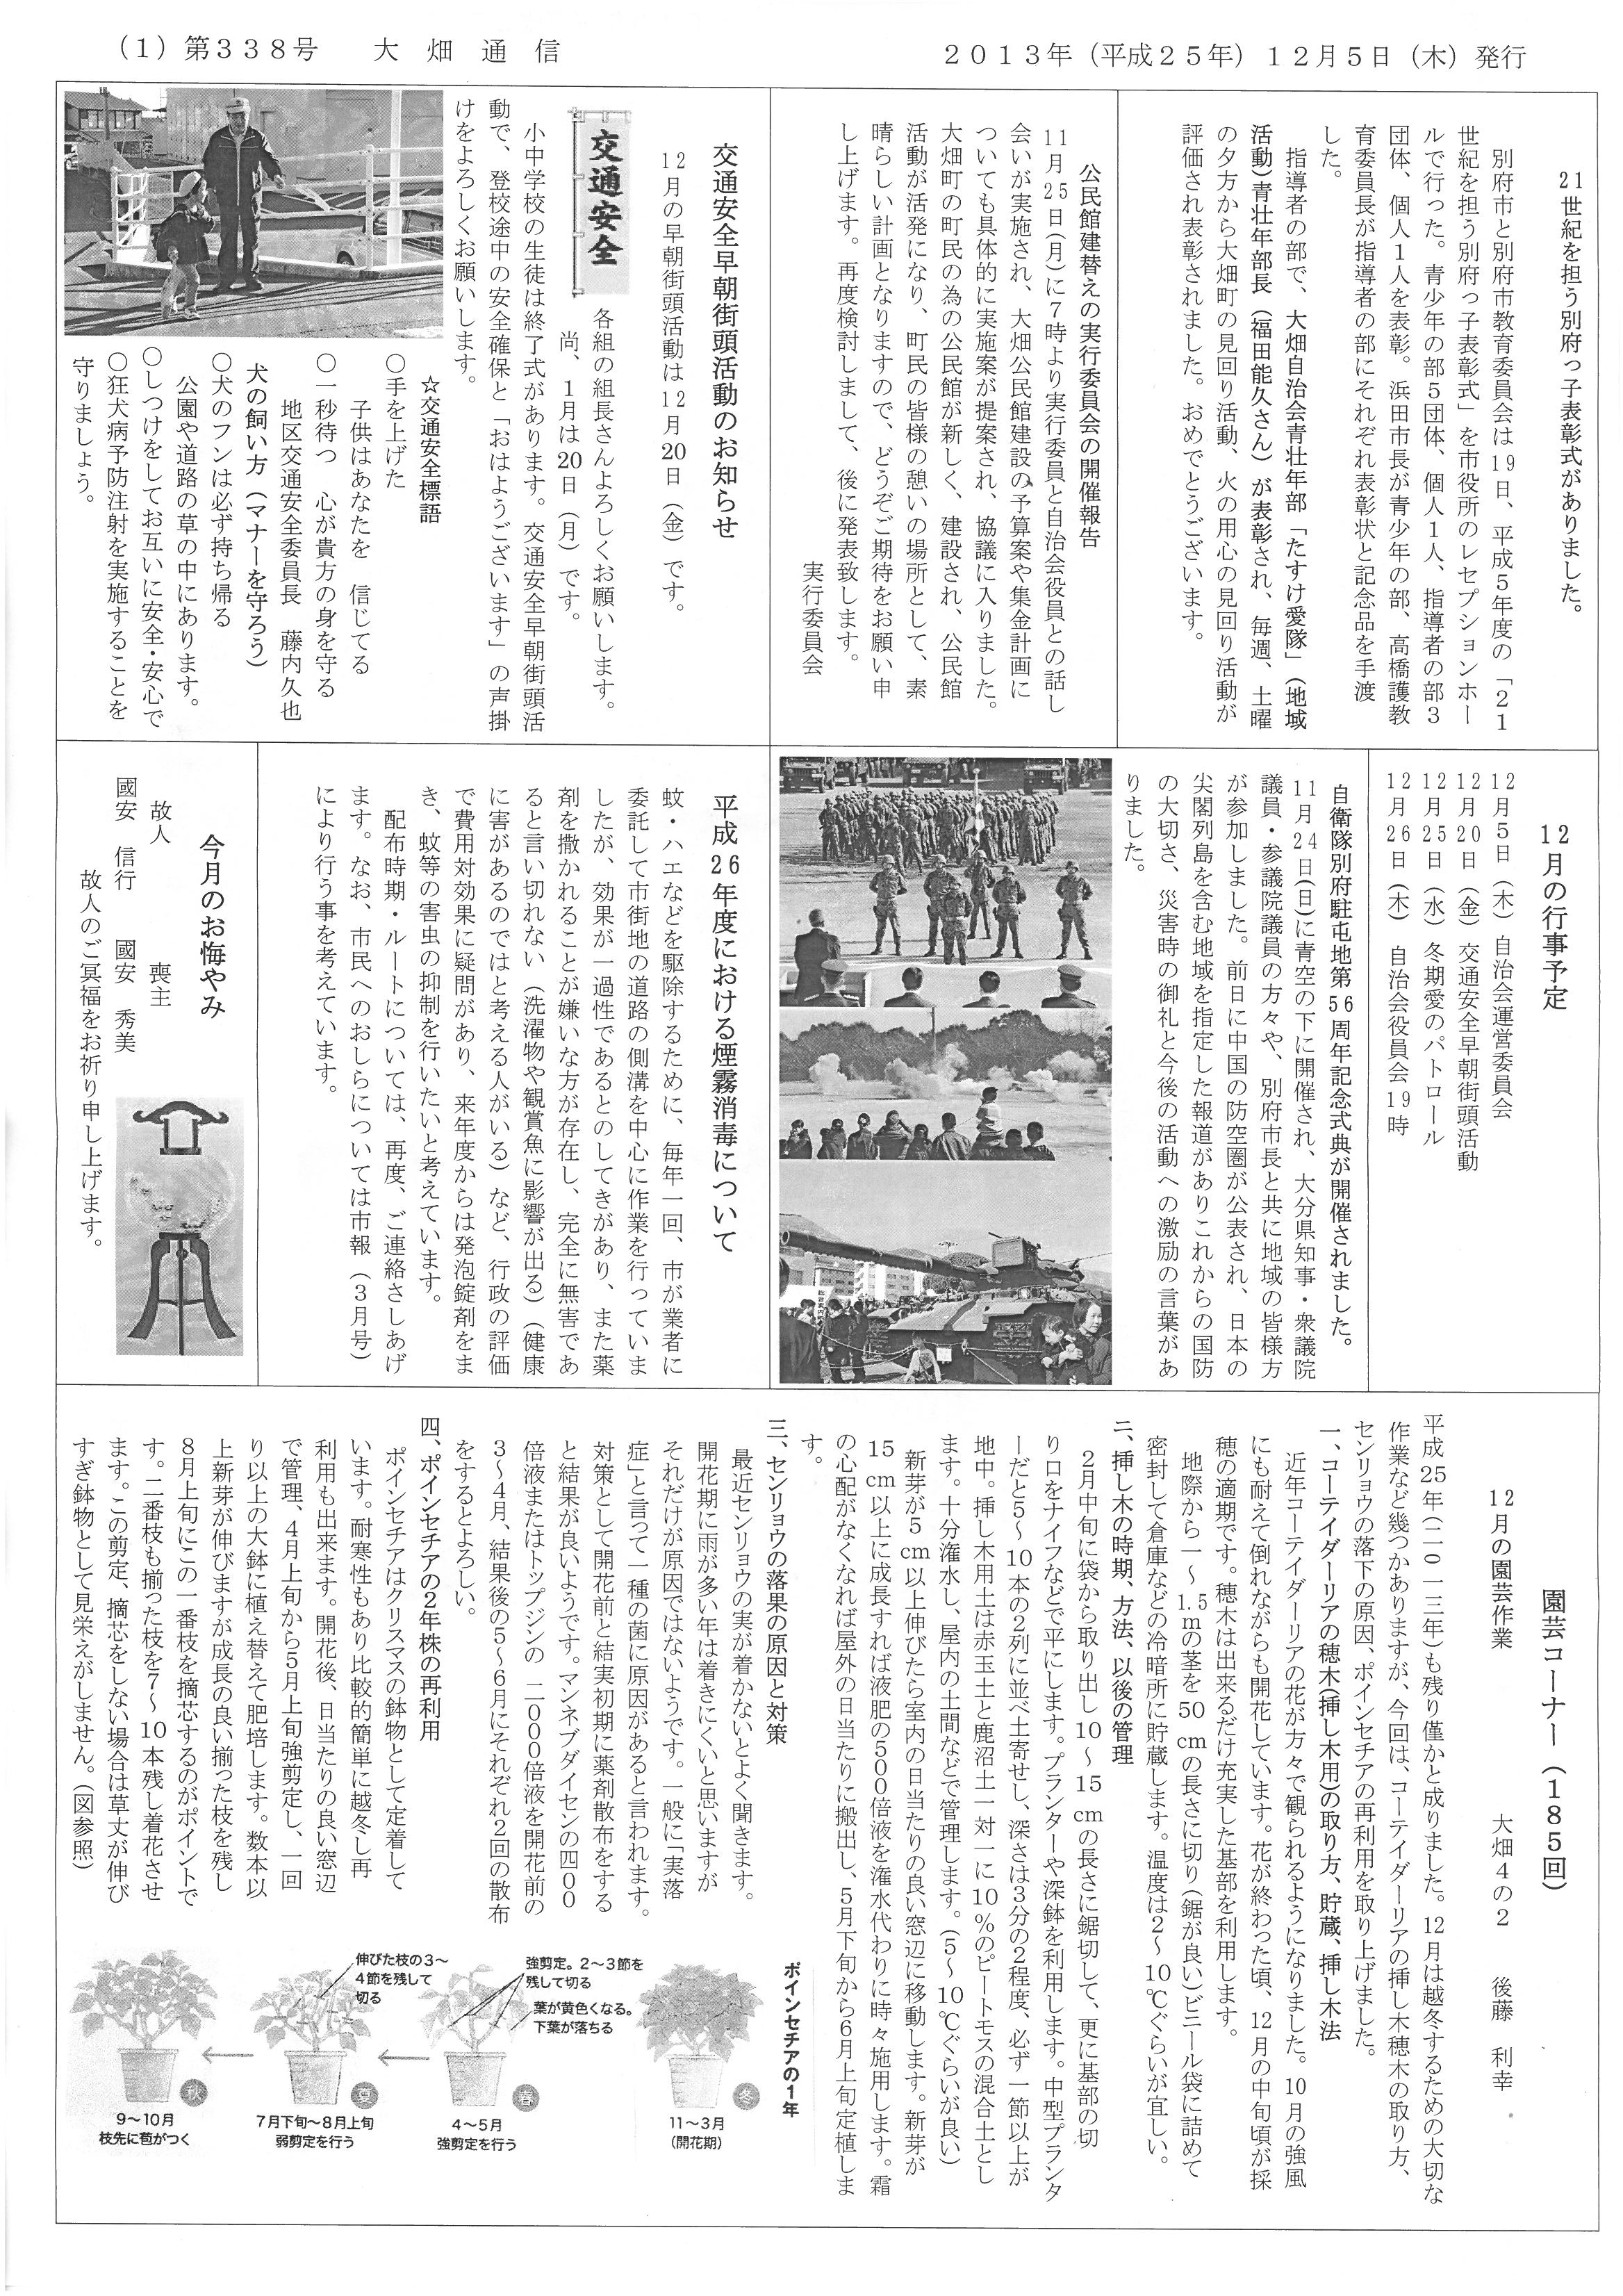 obatake204_01_02